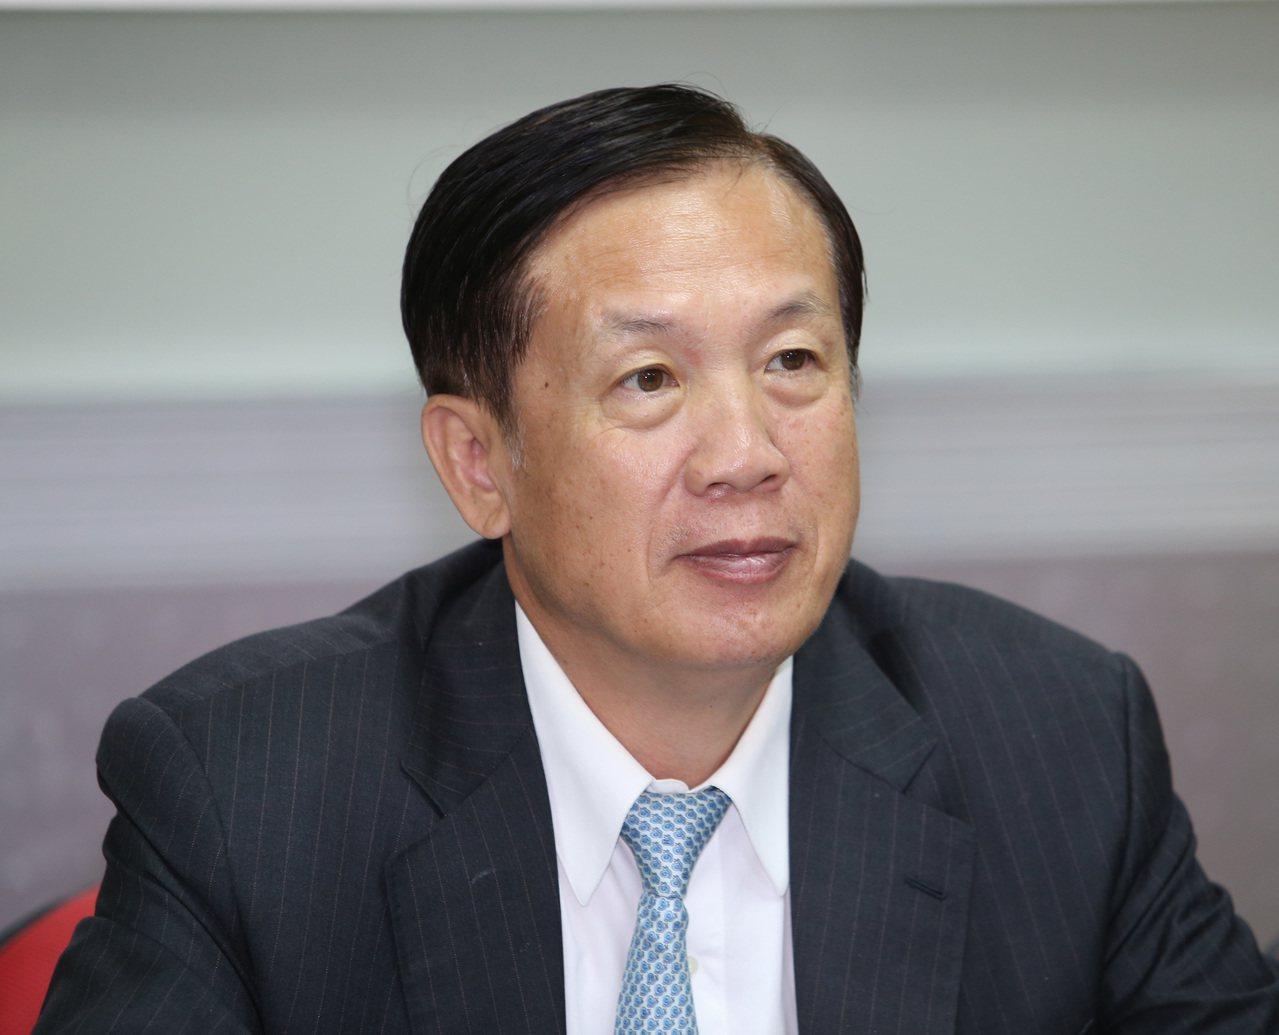 商總理事長賴正鎰(圖)今(15日)表示,都更目前面臨兩大問題要先解決,第一是降低...